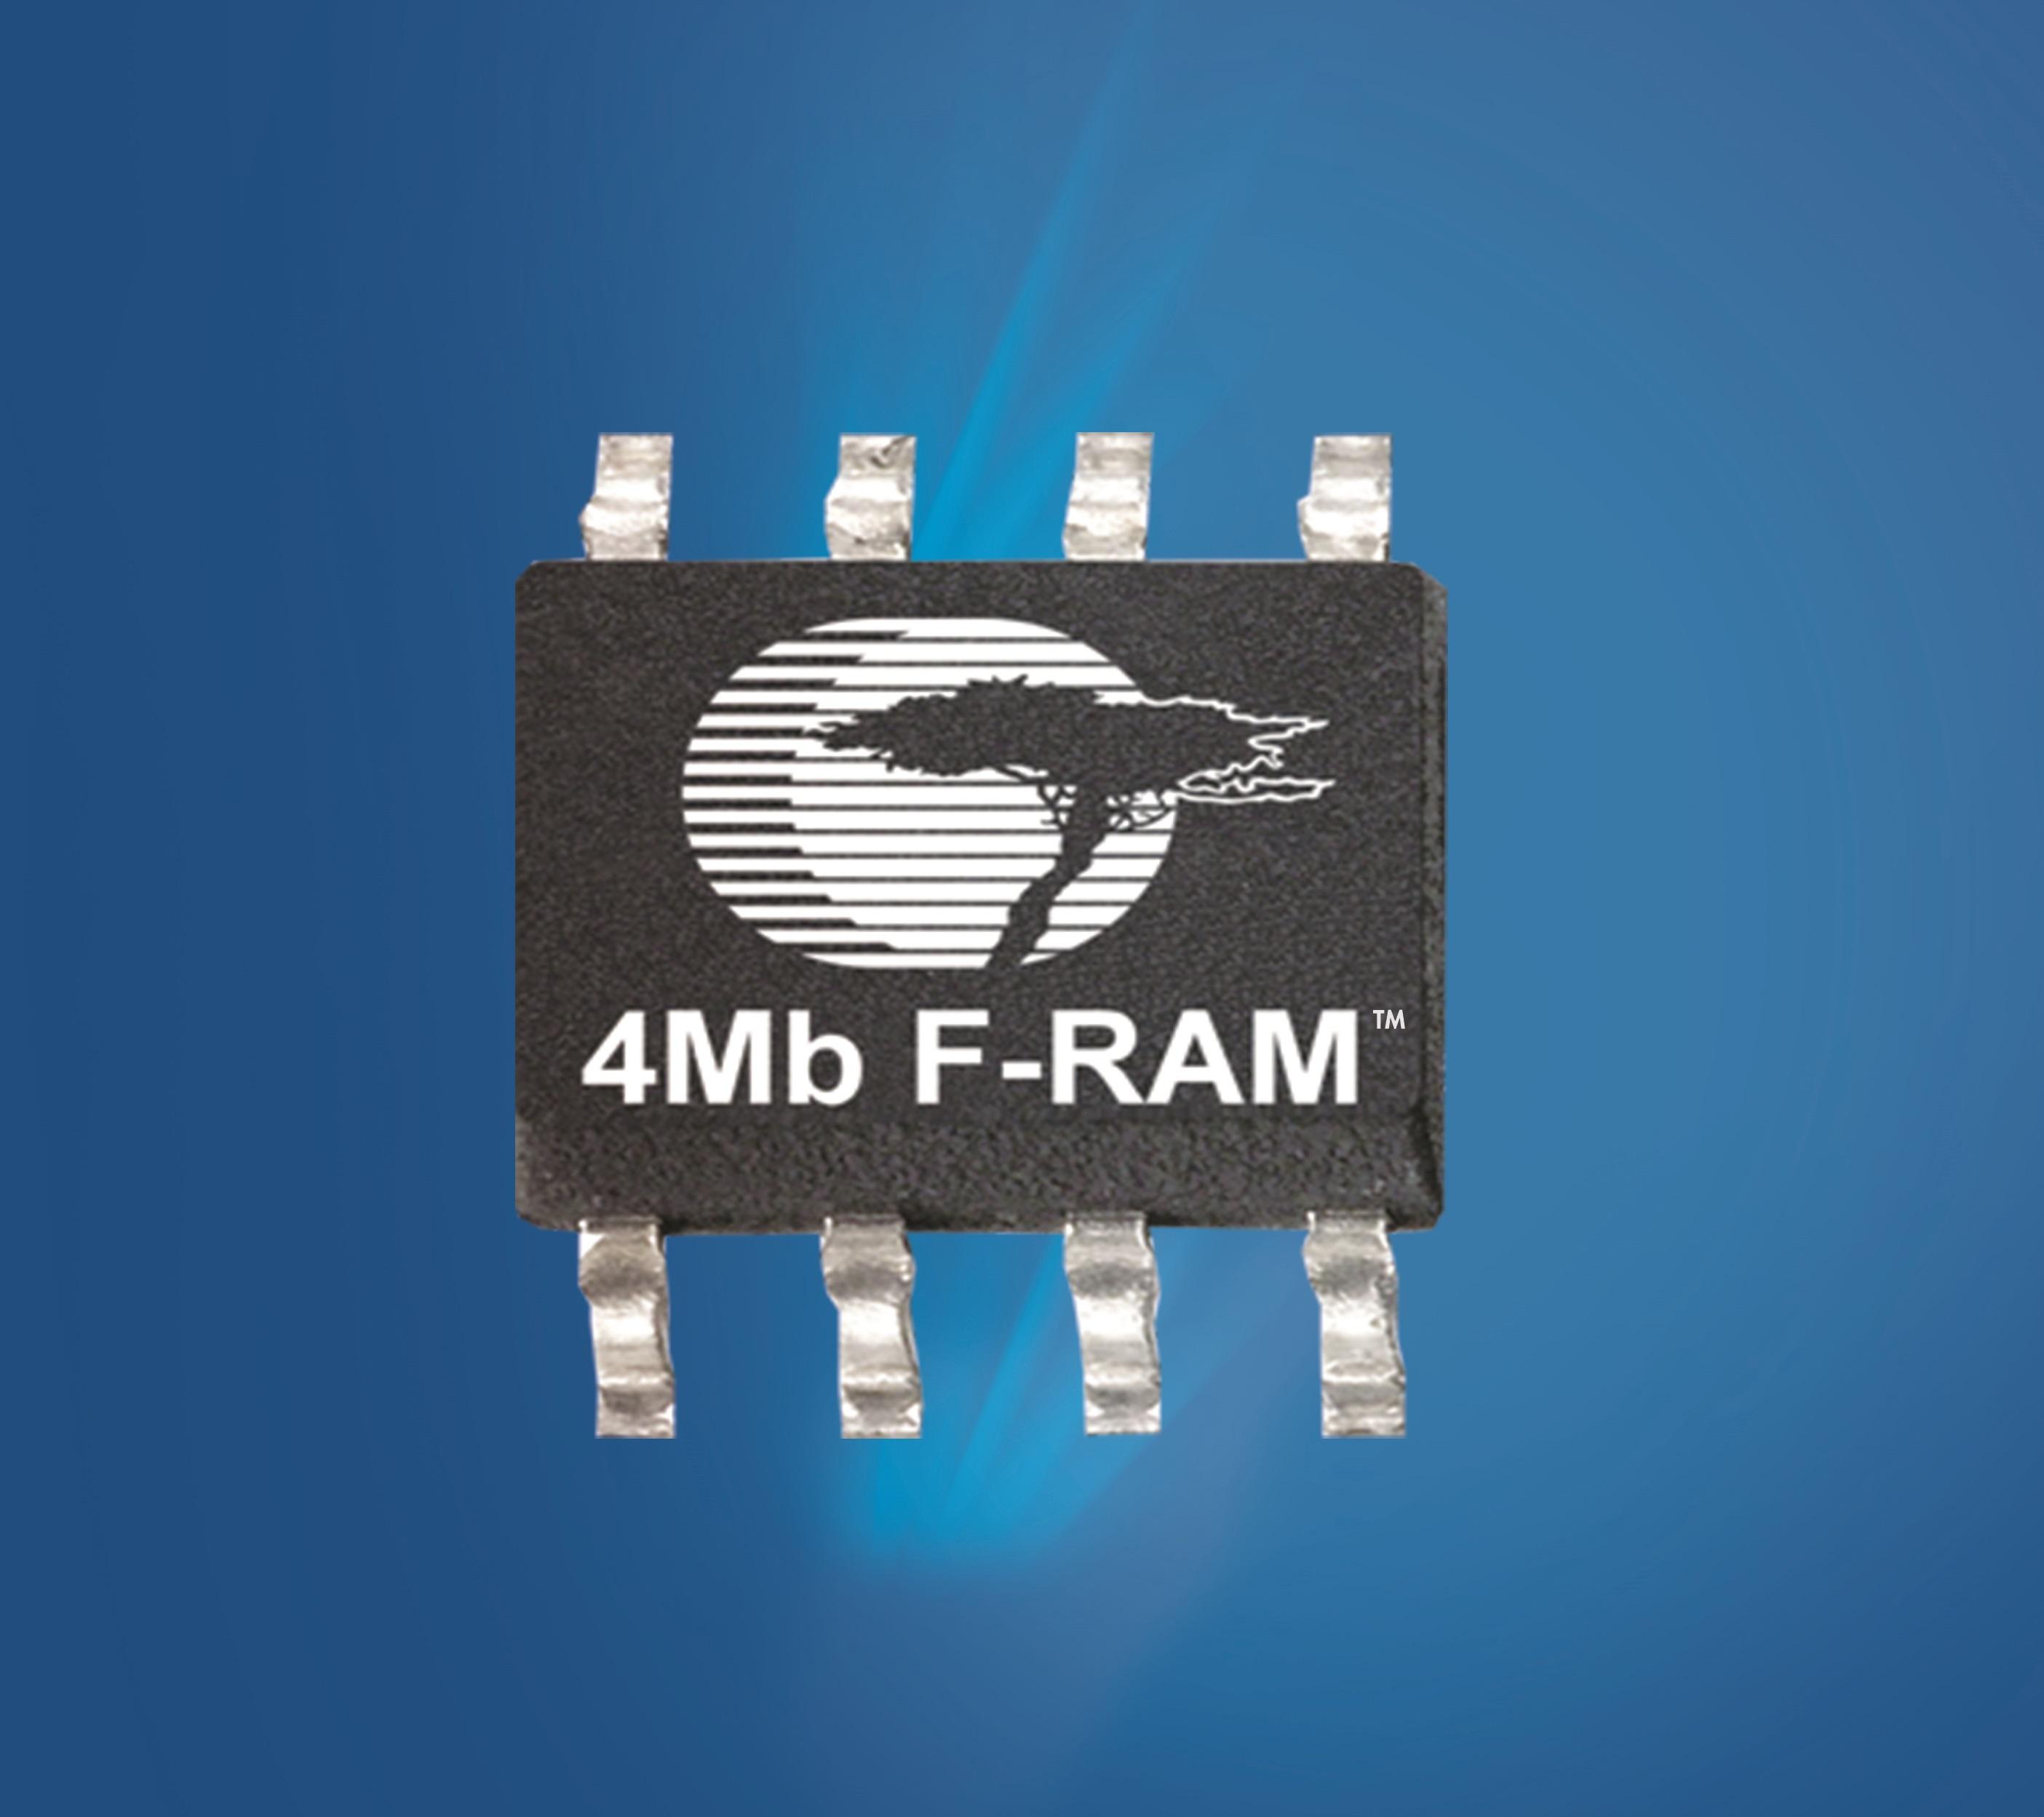 赛普拉斯推出业界首款4Mb 串行F-RAM